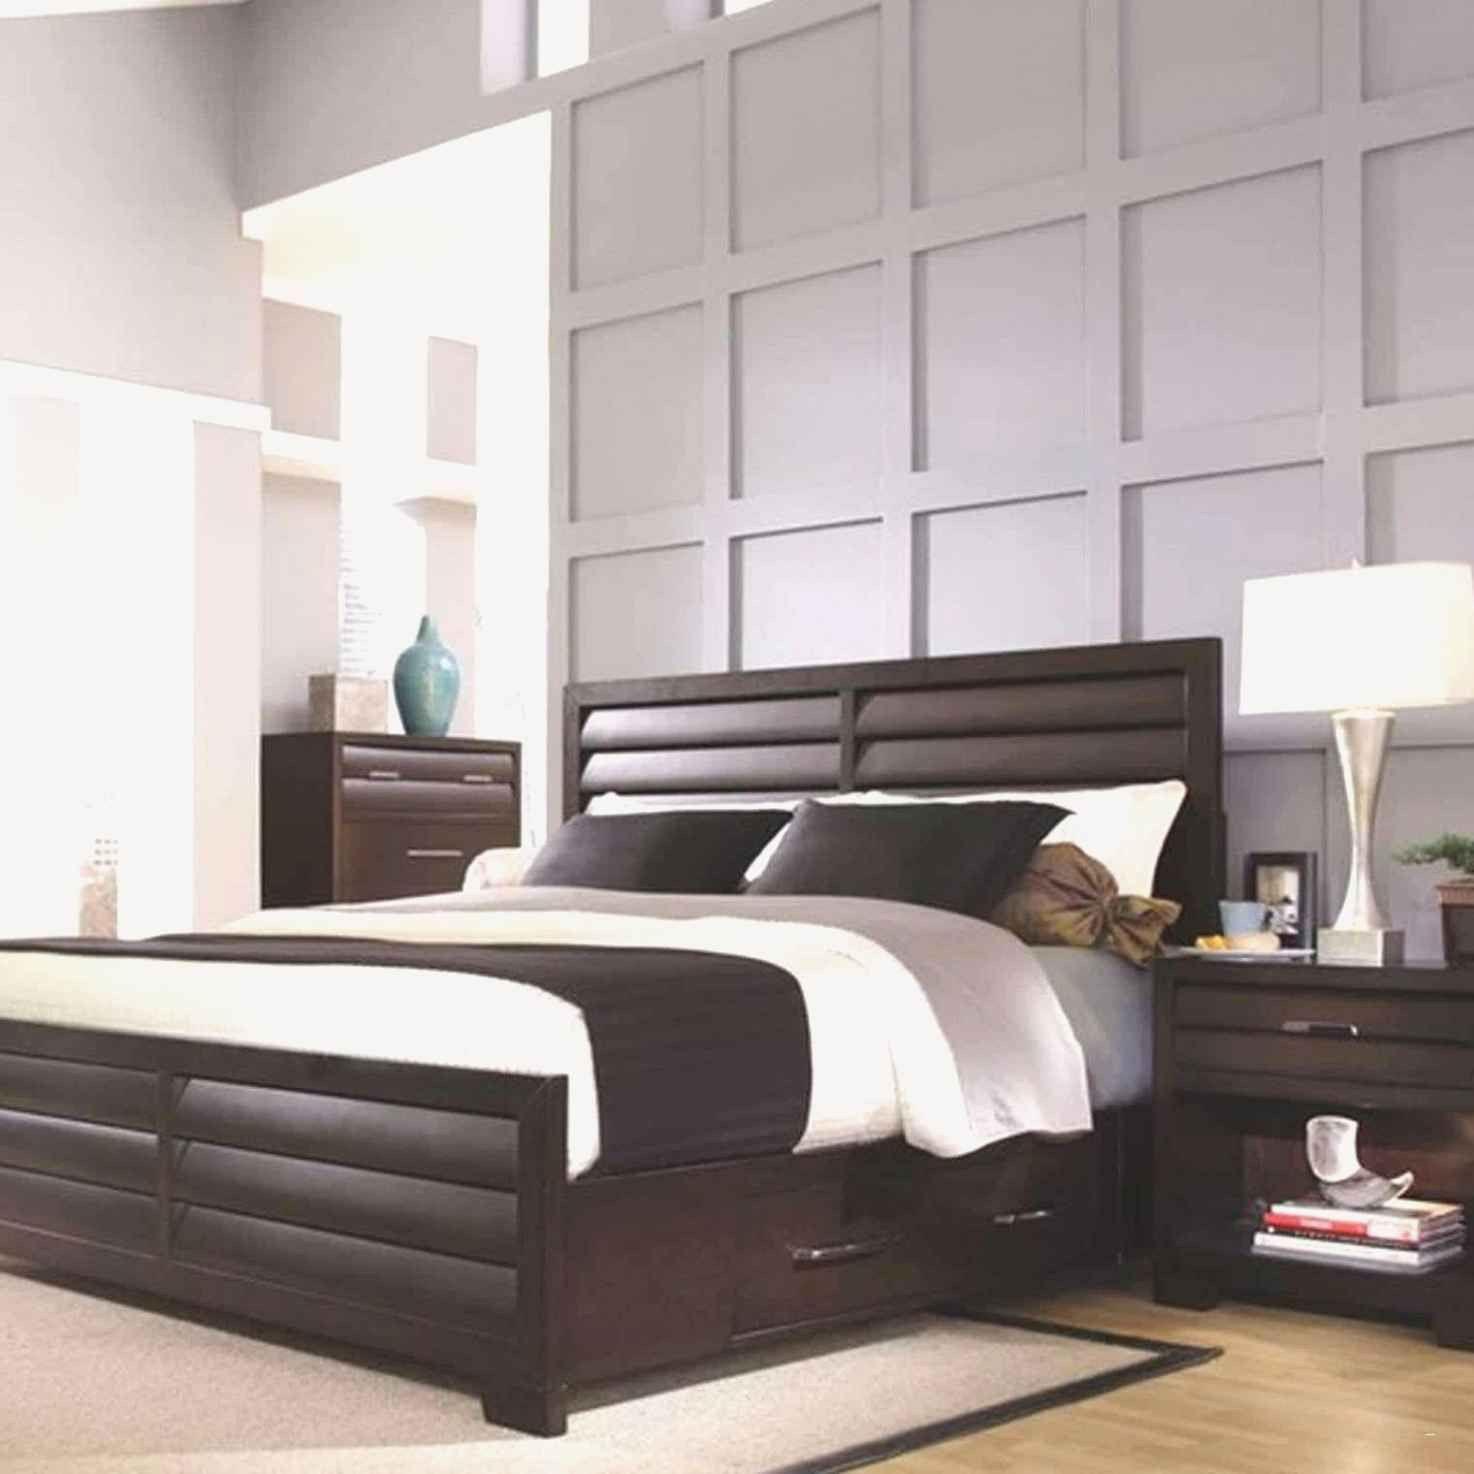 Schlafzimmer Komplett Mit Boxspringbett - Best Home Decor